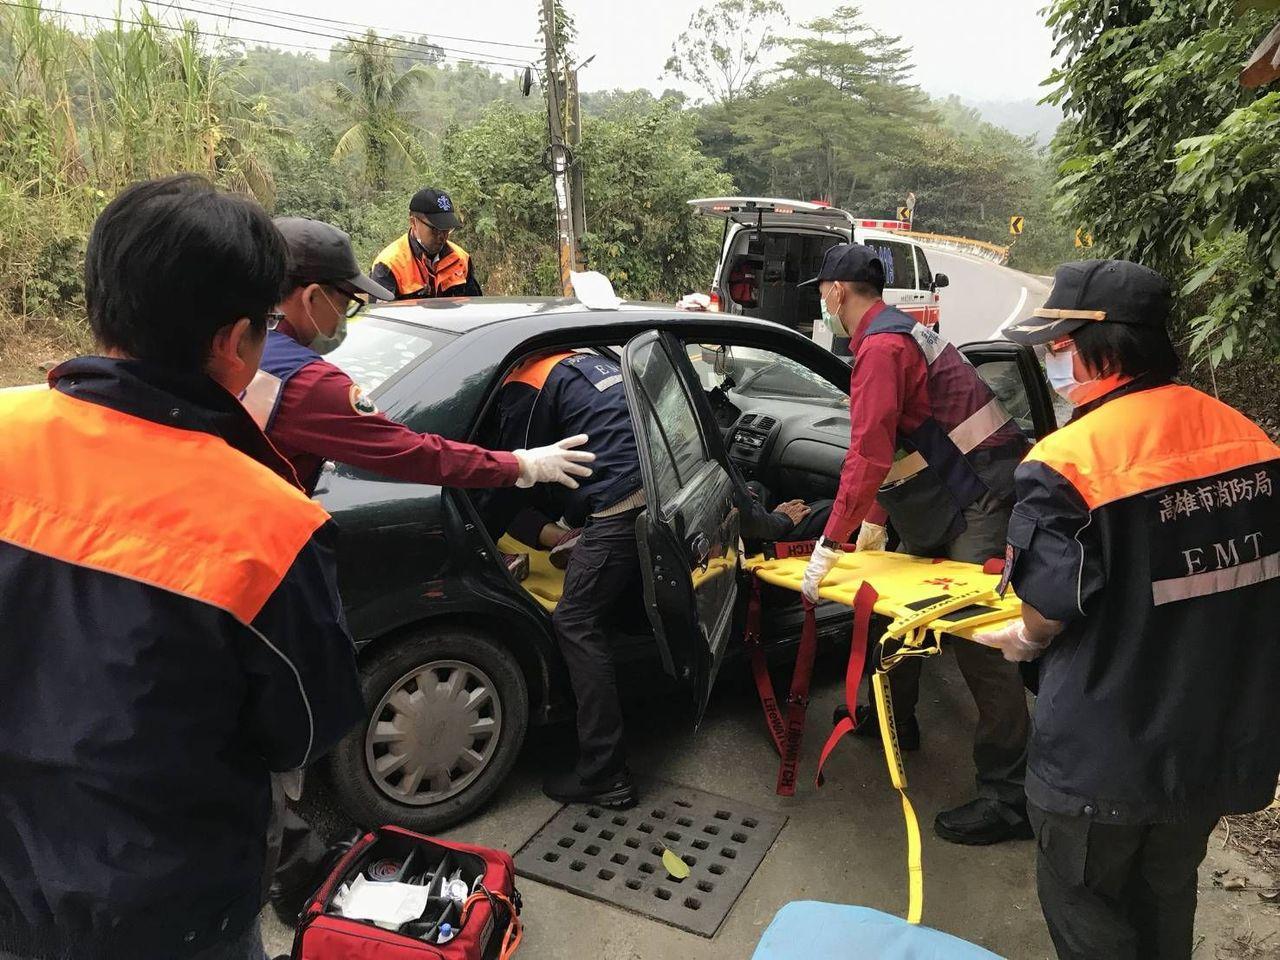 林家親友3人共乘一車,車上兩人傷勢嚴重。記者徐白櫻/翻攝